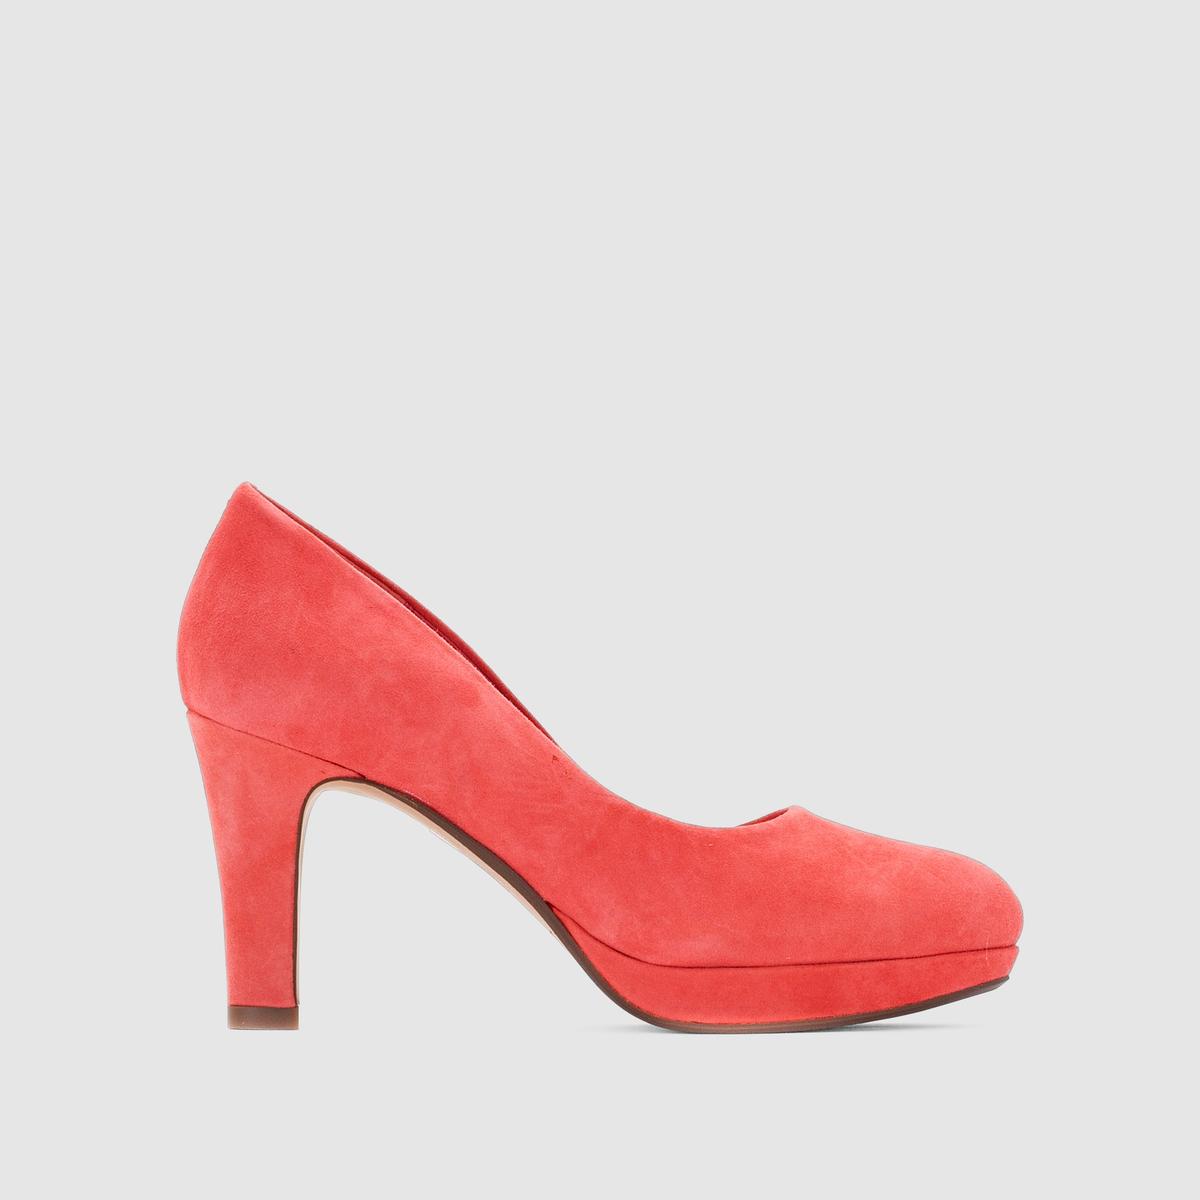 Туфли на тонком каблуке CLARKS CRISP KENDRAВысота каблука : 8,5 см.Застежка : без застежки.Преимущества: садящаяся по ноге модель, очень элегантная, на танкетке<br><br>Цвет: коралловый<br>Размер: 39